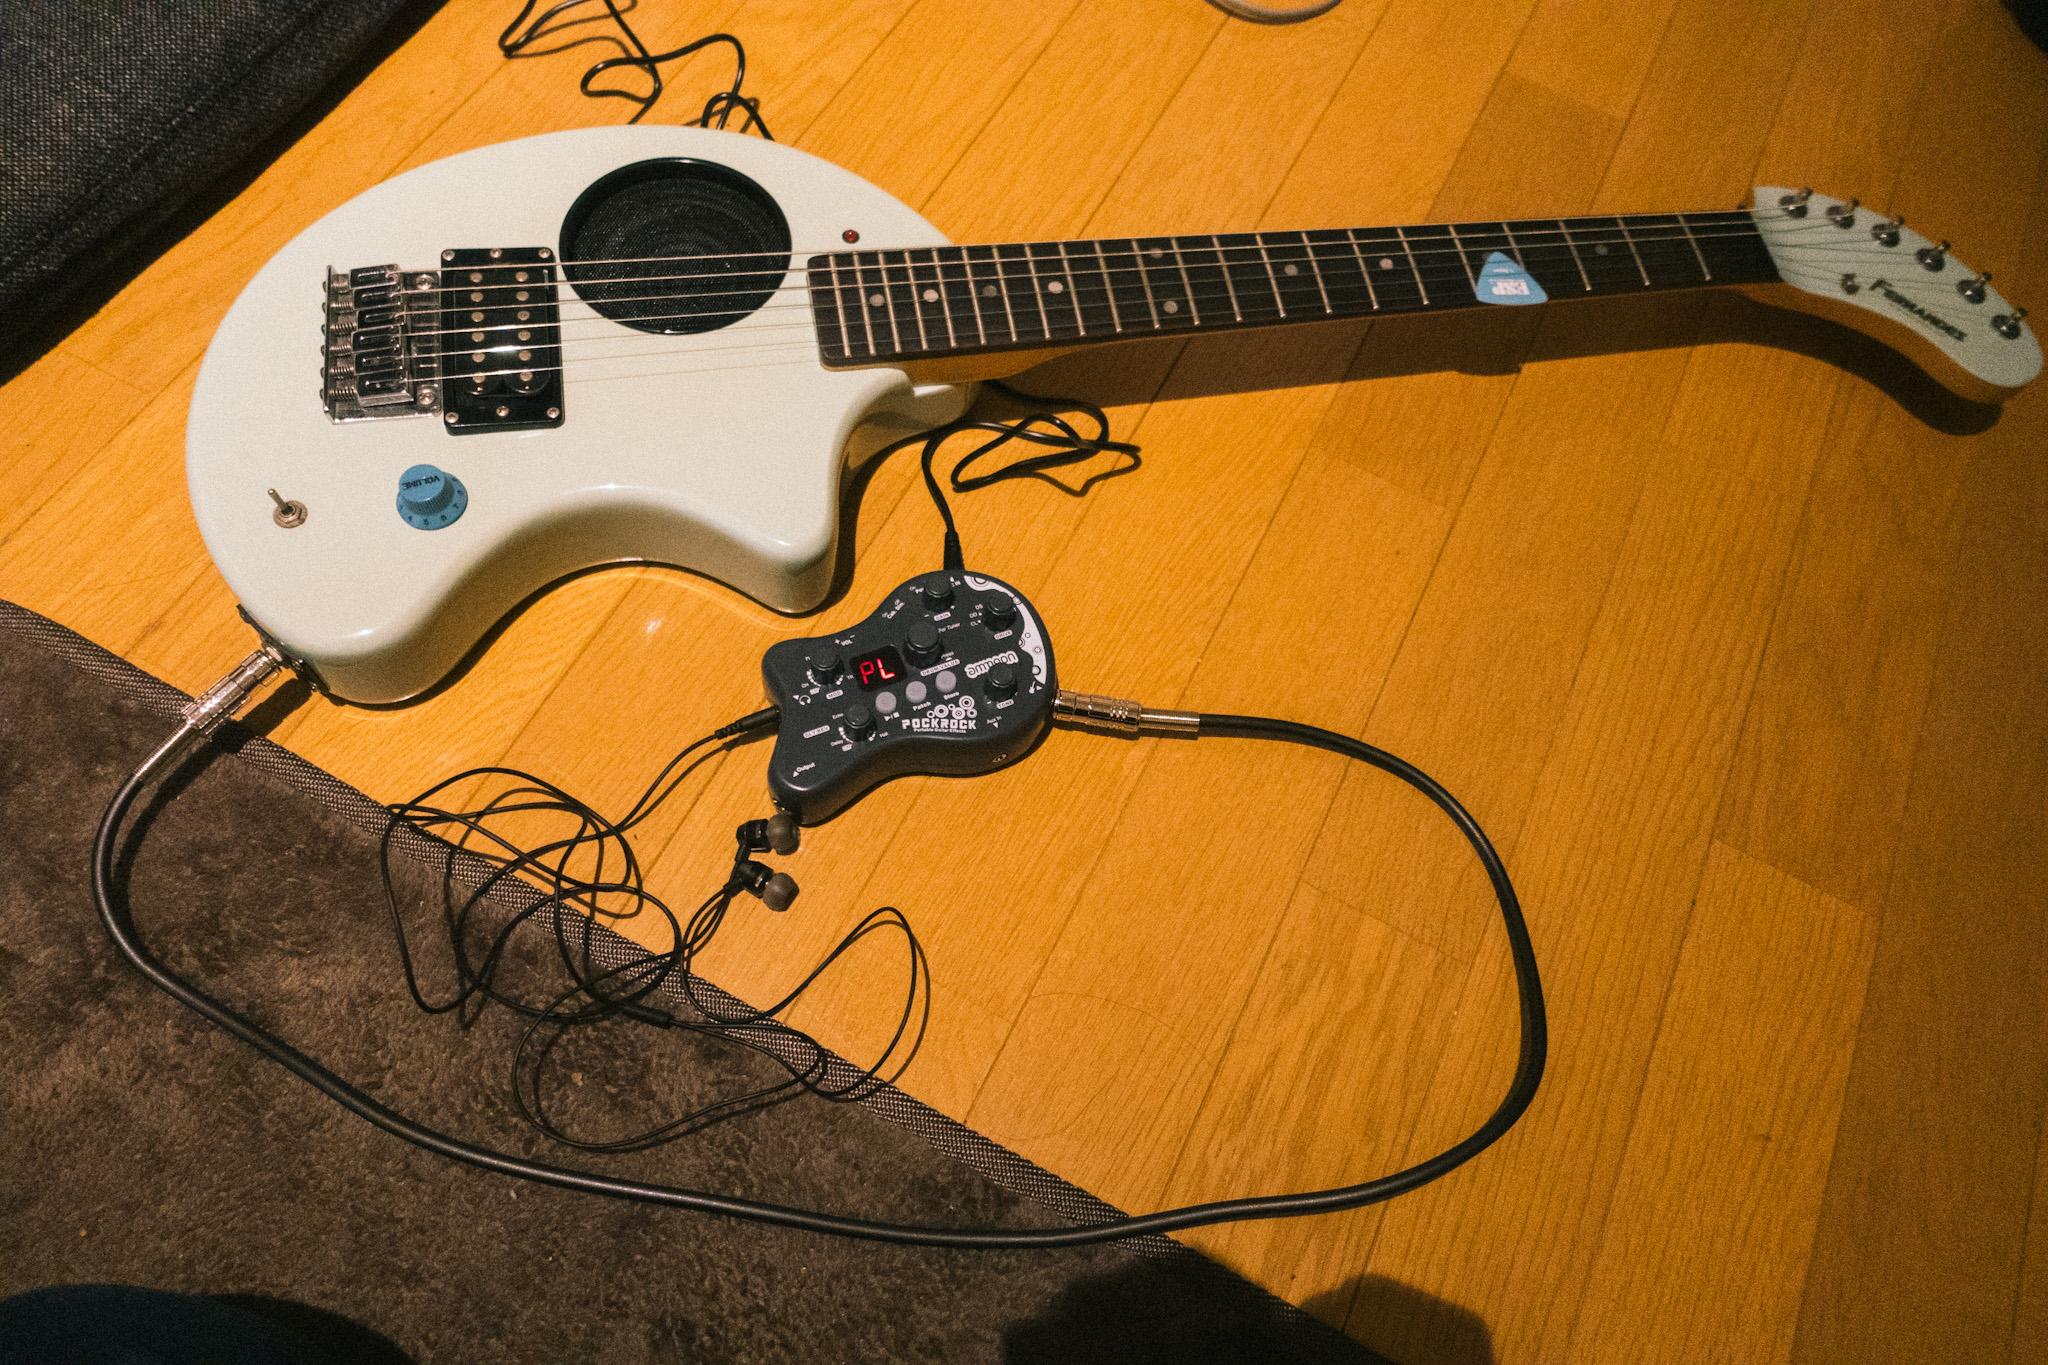 コンパクトギターシステム